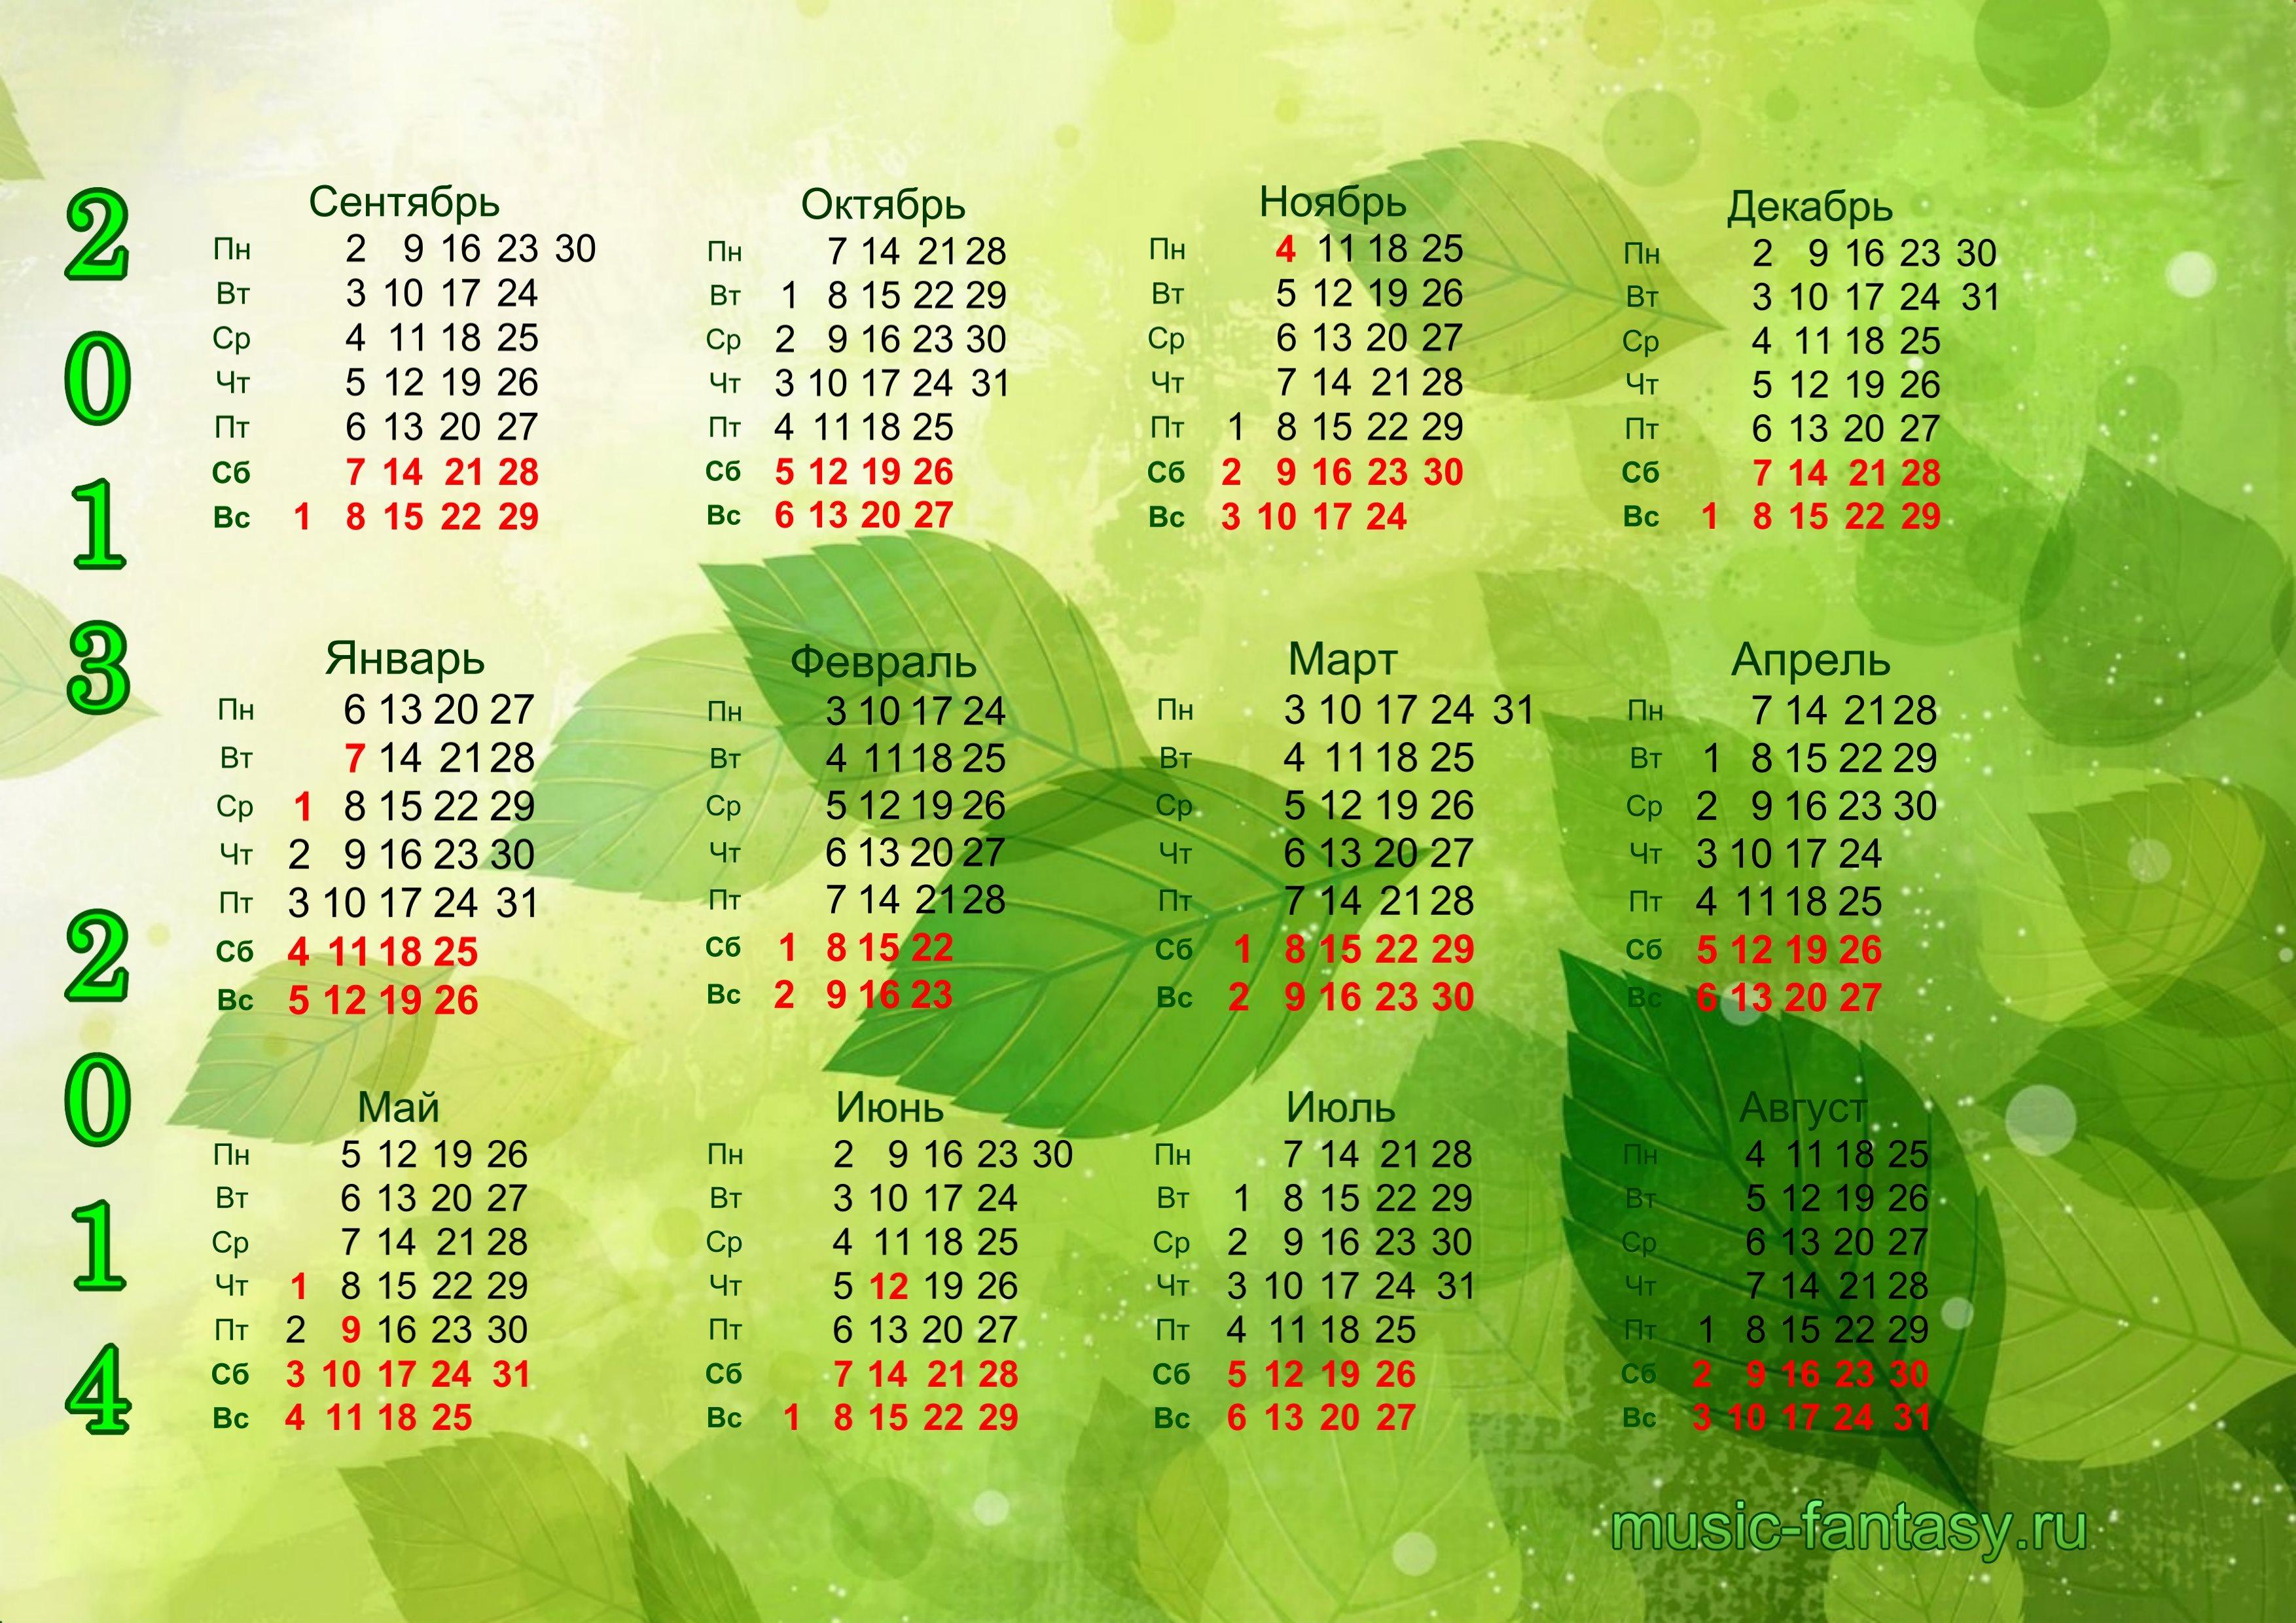 Лунный календарь 2017 для посадки томатов в марте